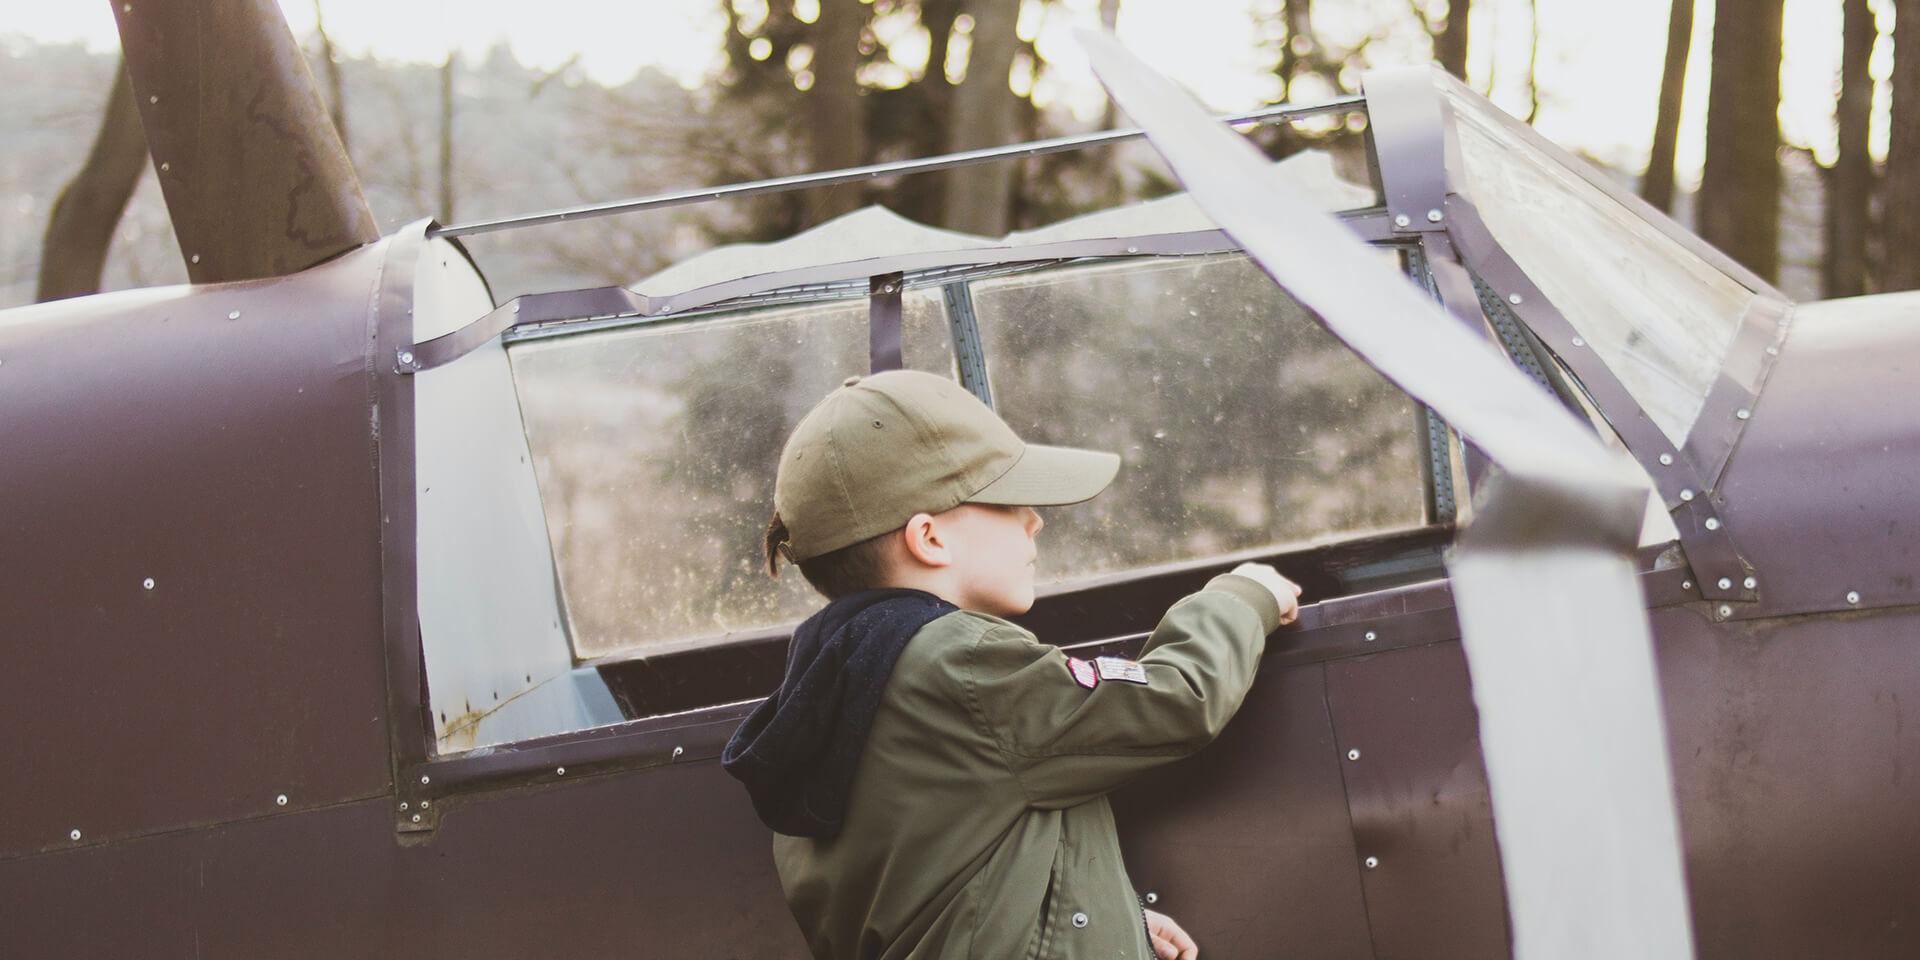 Junge untersucht ein altes Flugzeug